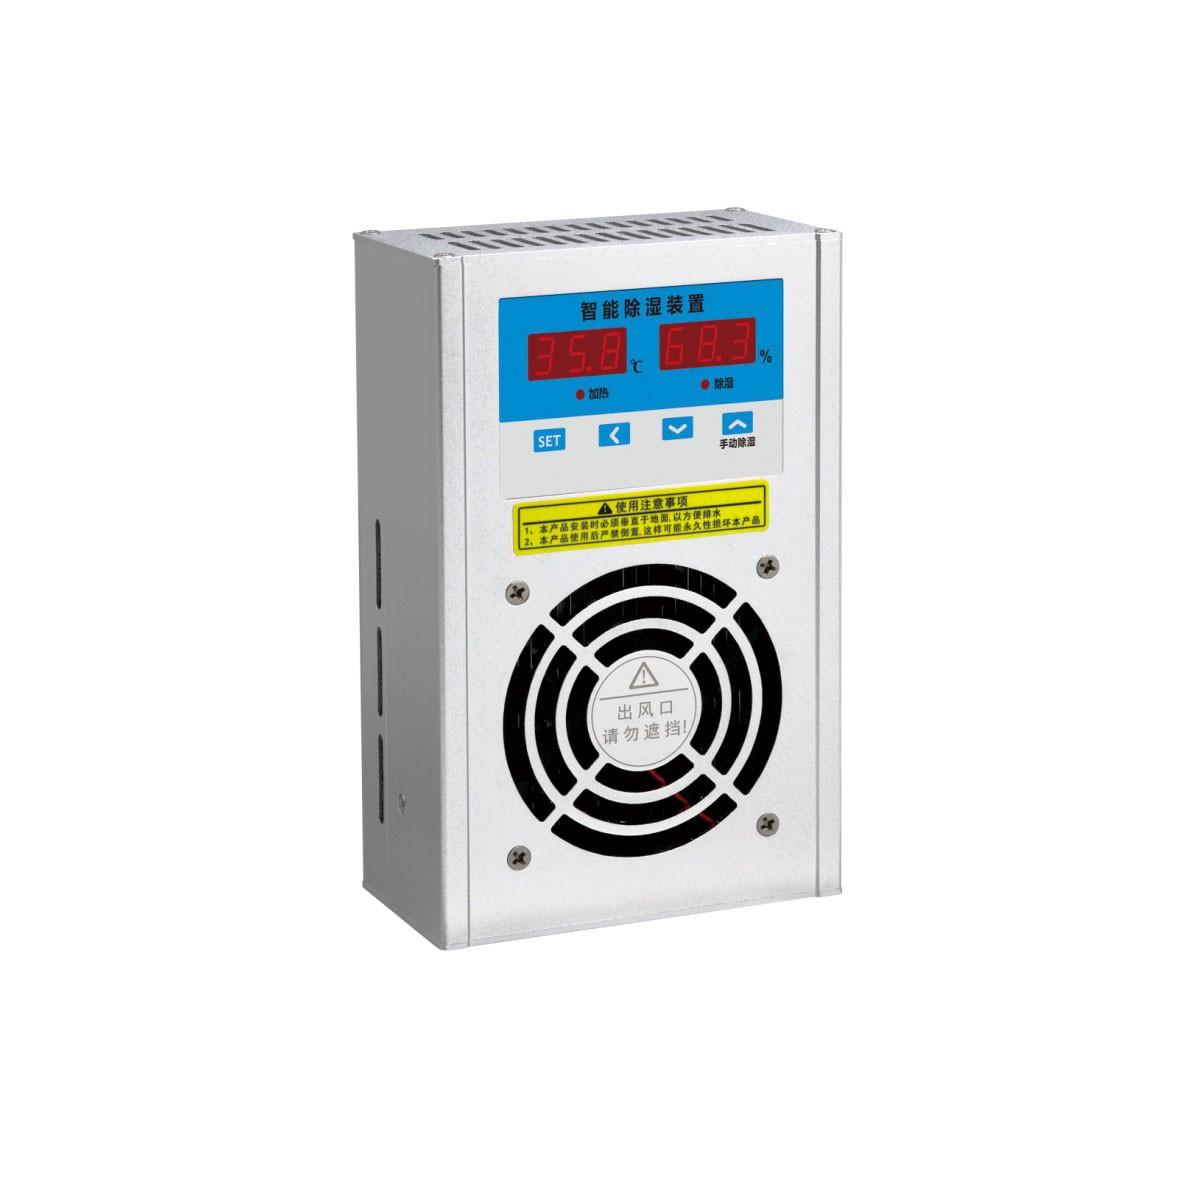 米易GPRS无线除湿器优惠